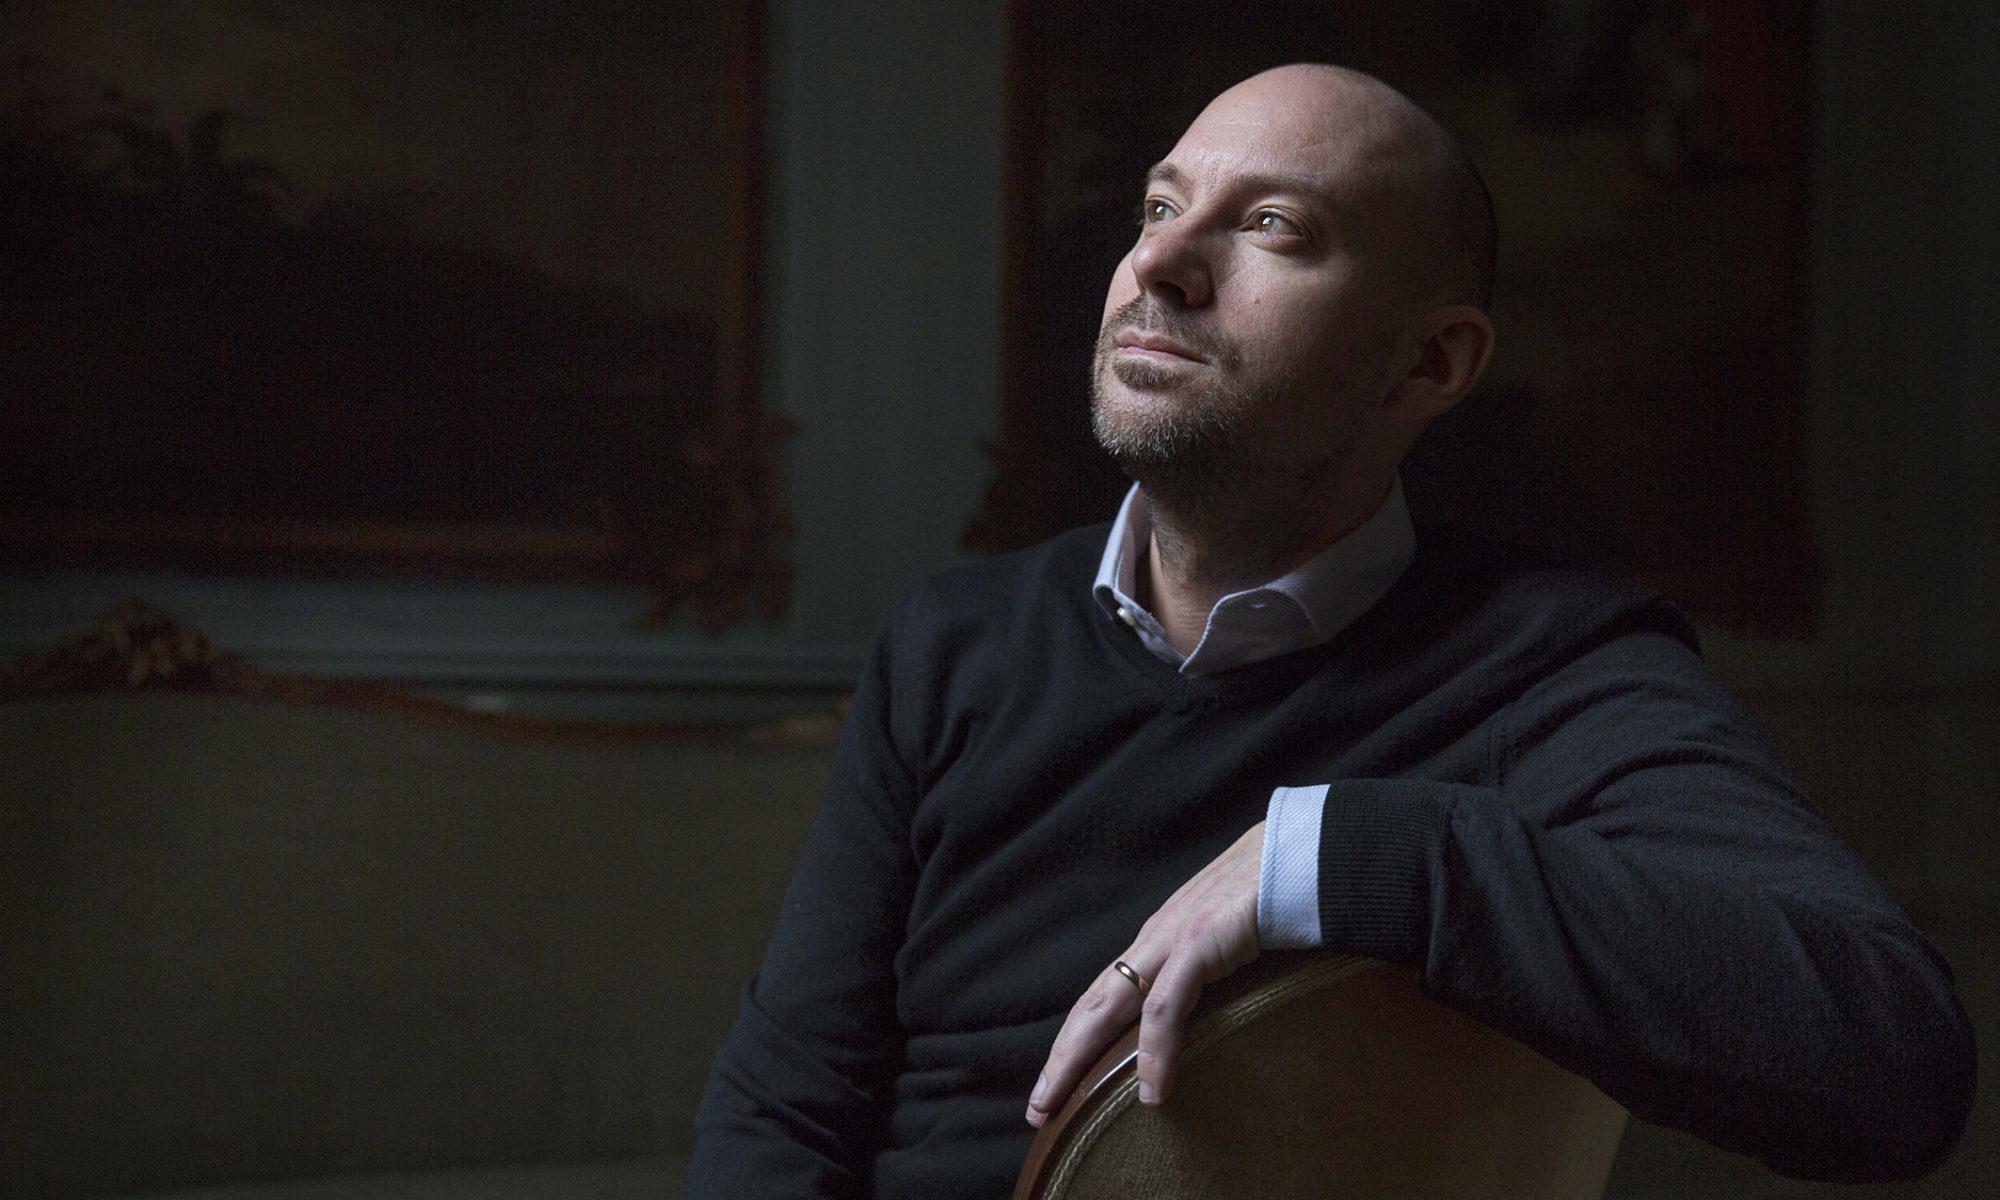 Porträtt av en man där bara huvud och ena handen syns, mot en svart bakgrund